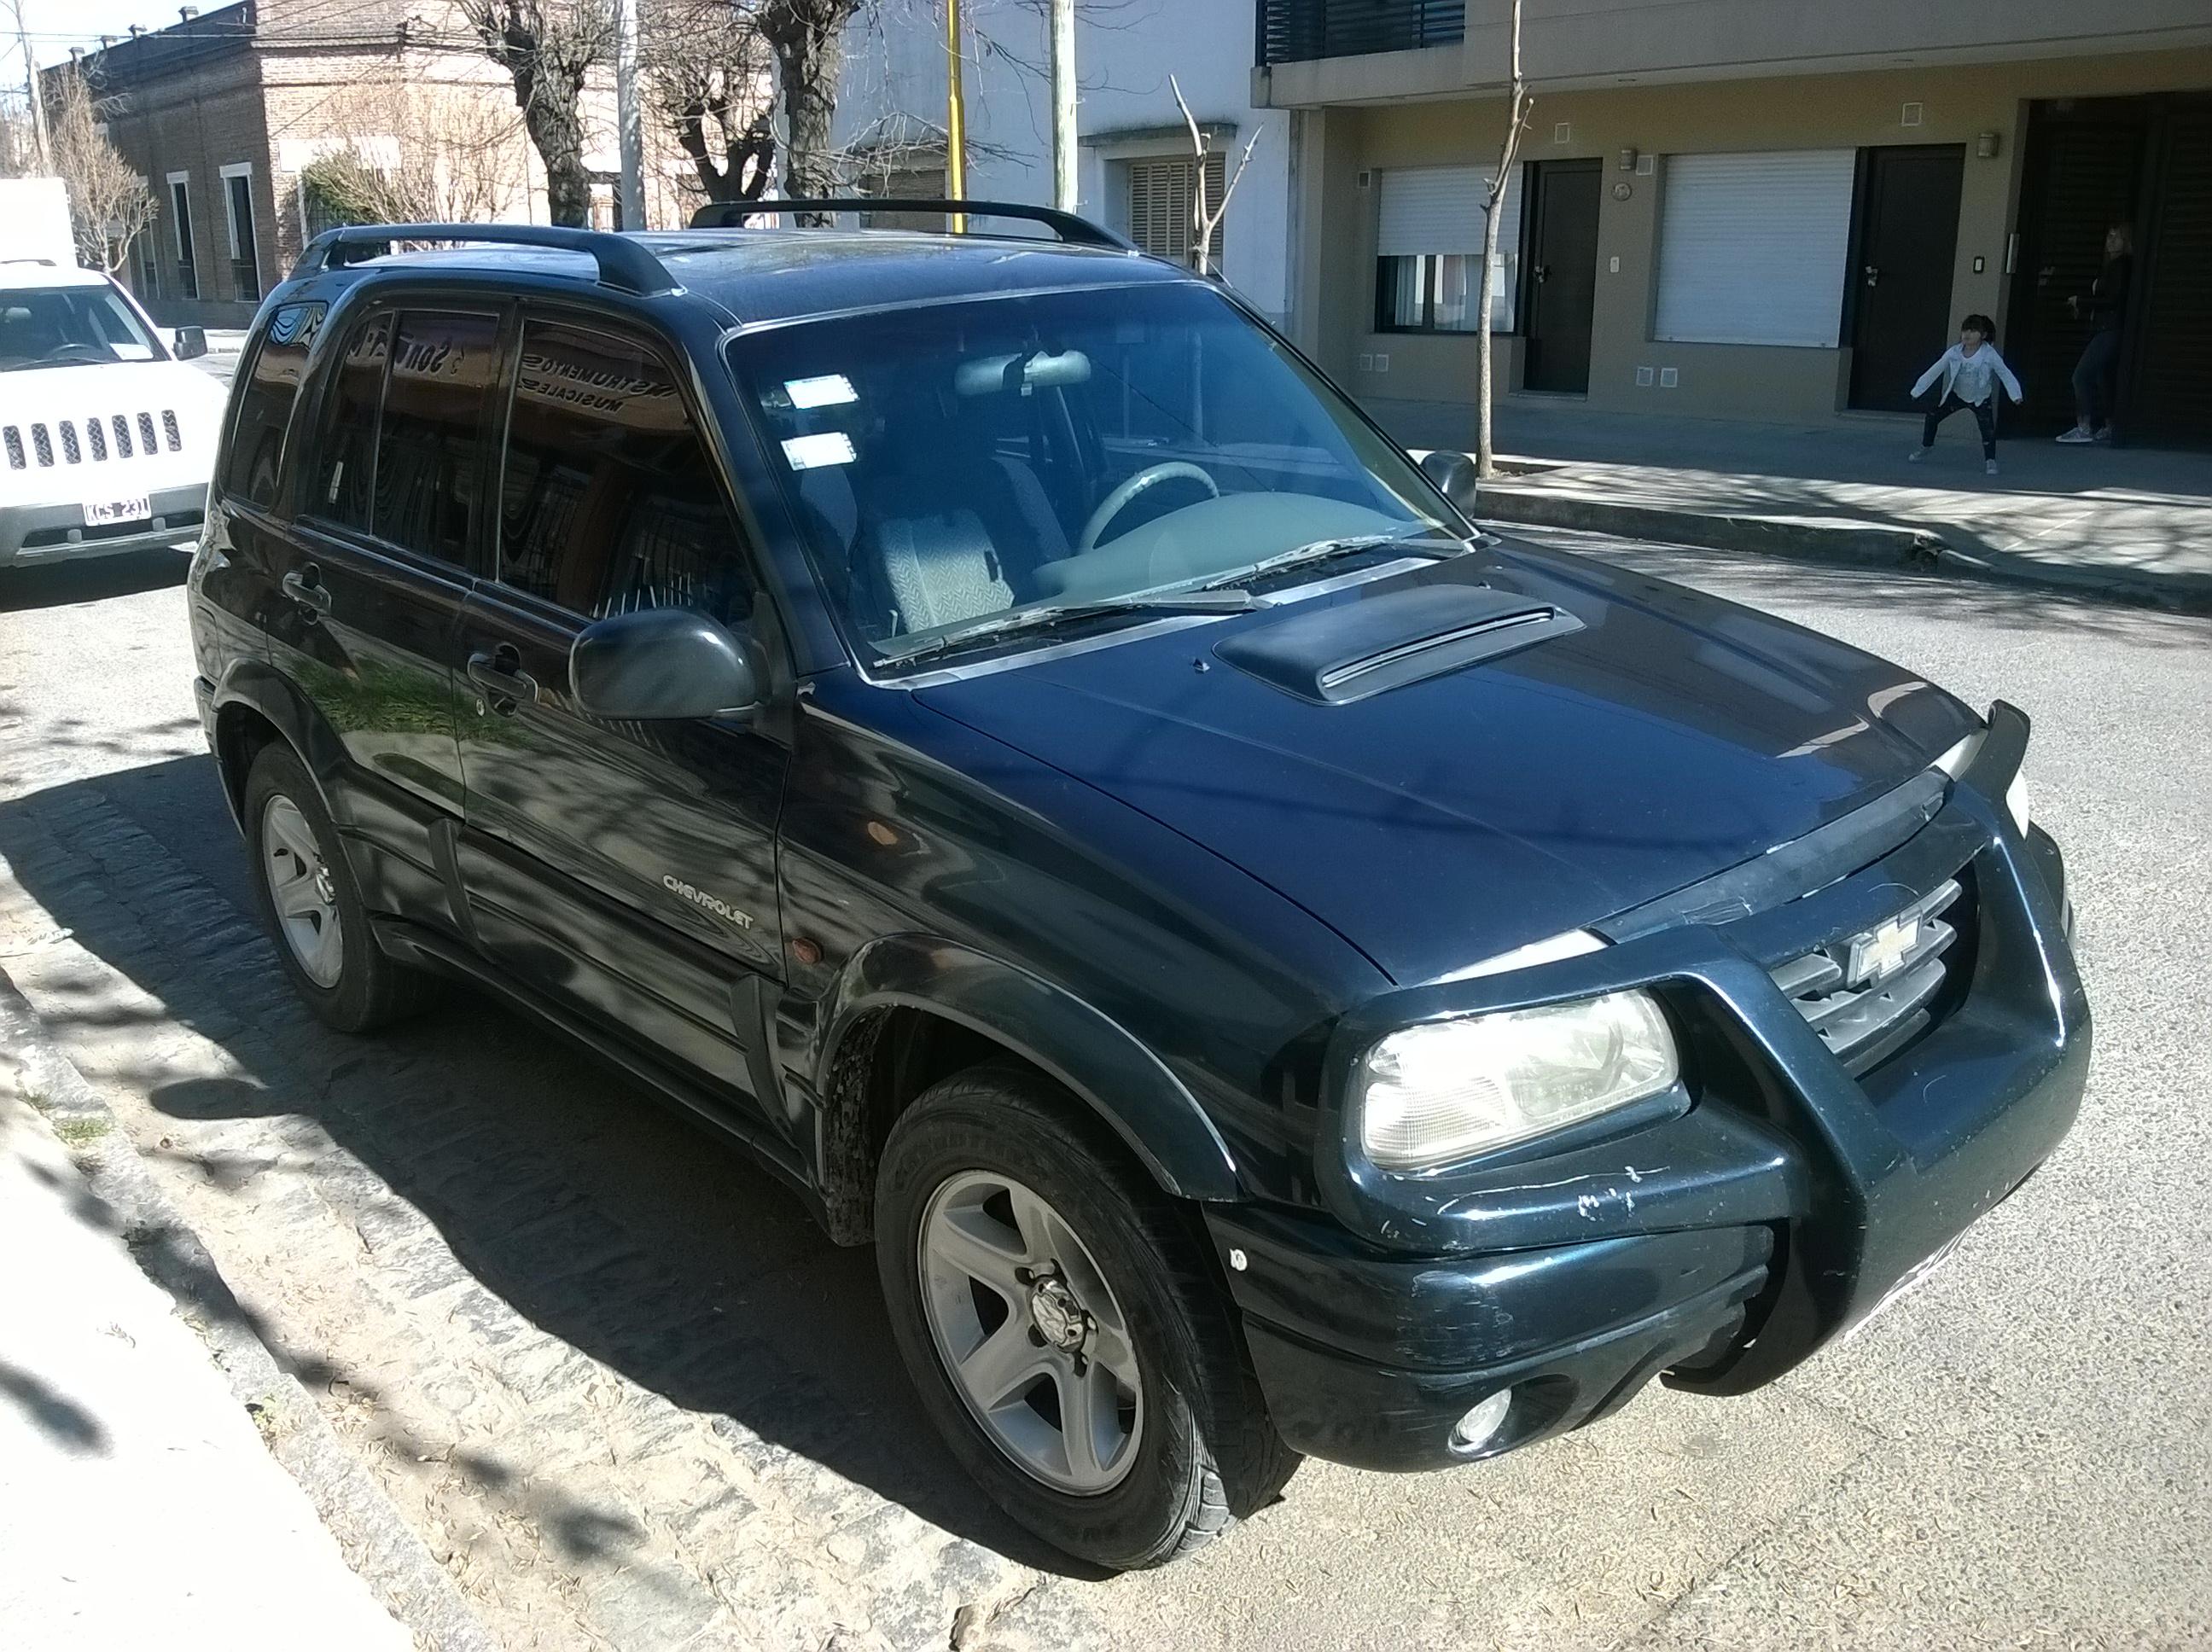 G. VITARA 4x4 TDI 2.0 2002